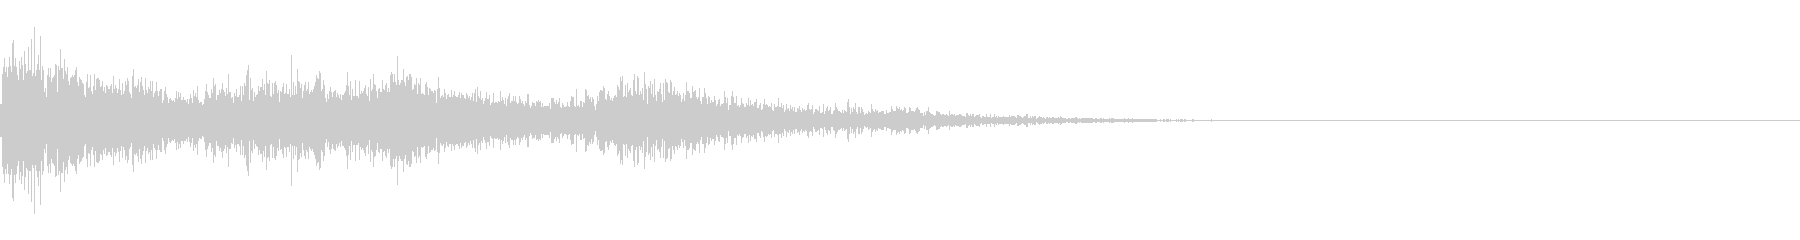 カミナリ(近雷)-08の未再生の波形